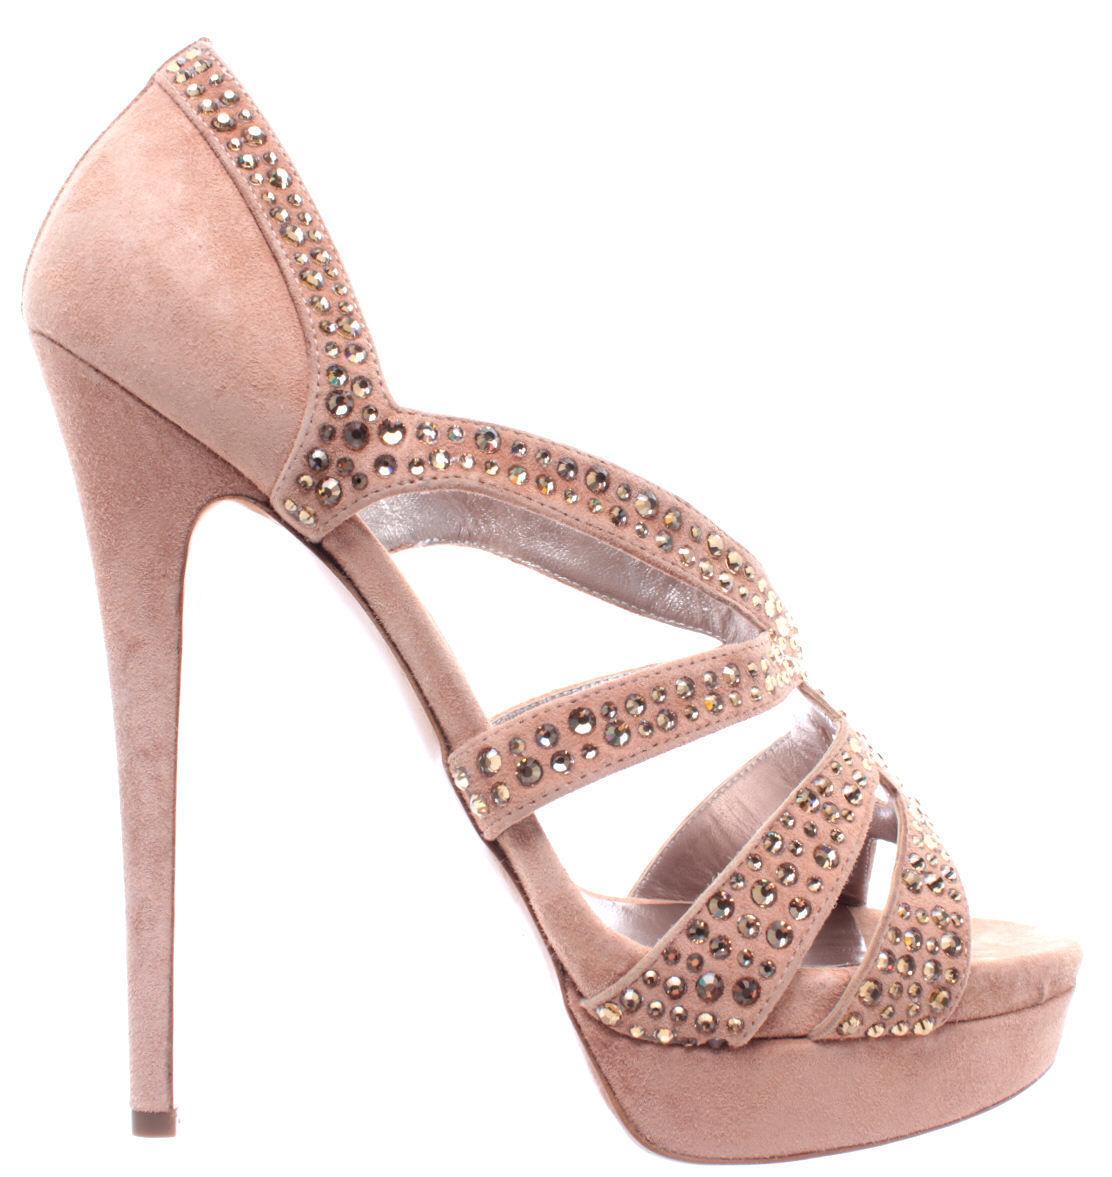 Para mujeres Zapatos Zapatos Zapatos de tacón CASADEI Queen Suede Klio Beige Claro Strass Limitado Nuevo  venta al por mayor barato